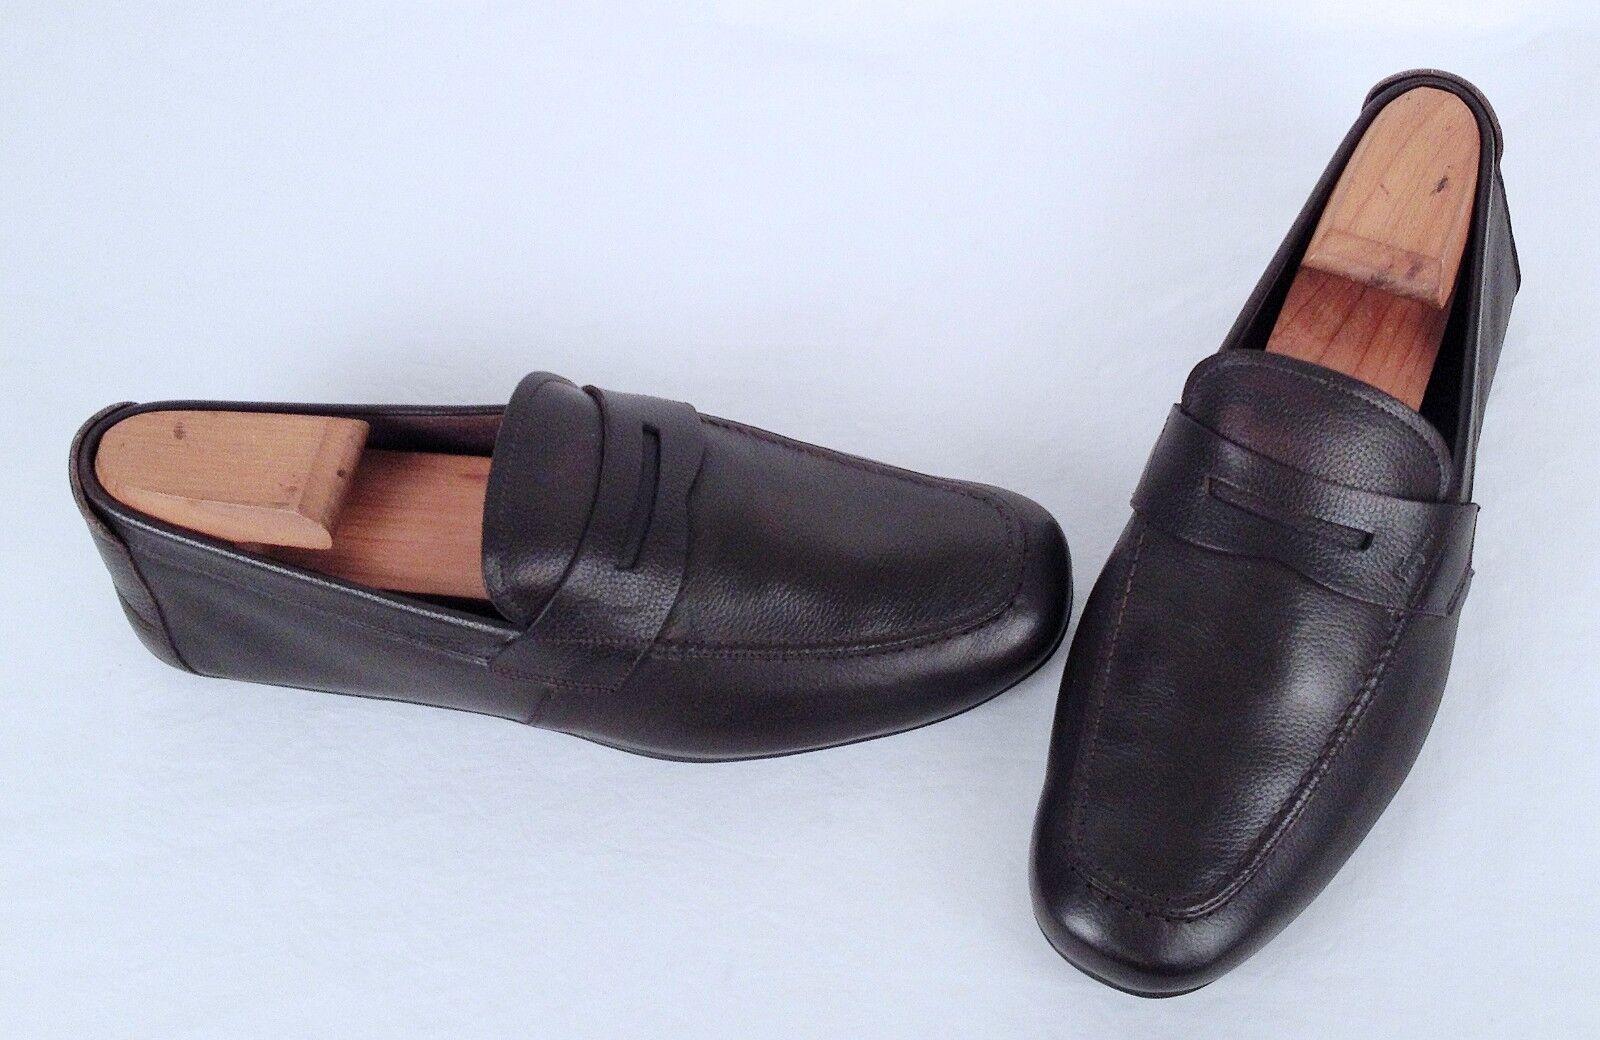 Salvatore Ferragamo 'Nuevo' Penny Loafer- Brown- Size 8.5 2E  520 (J16)